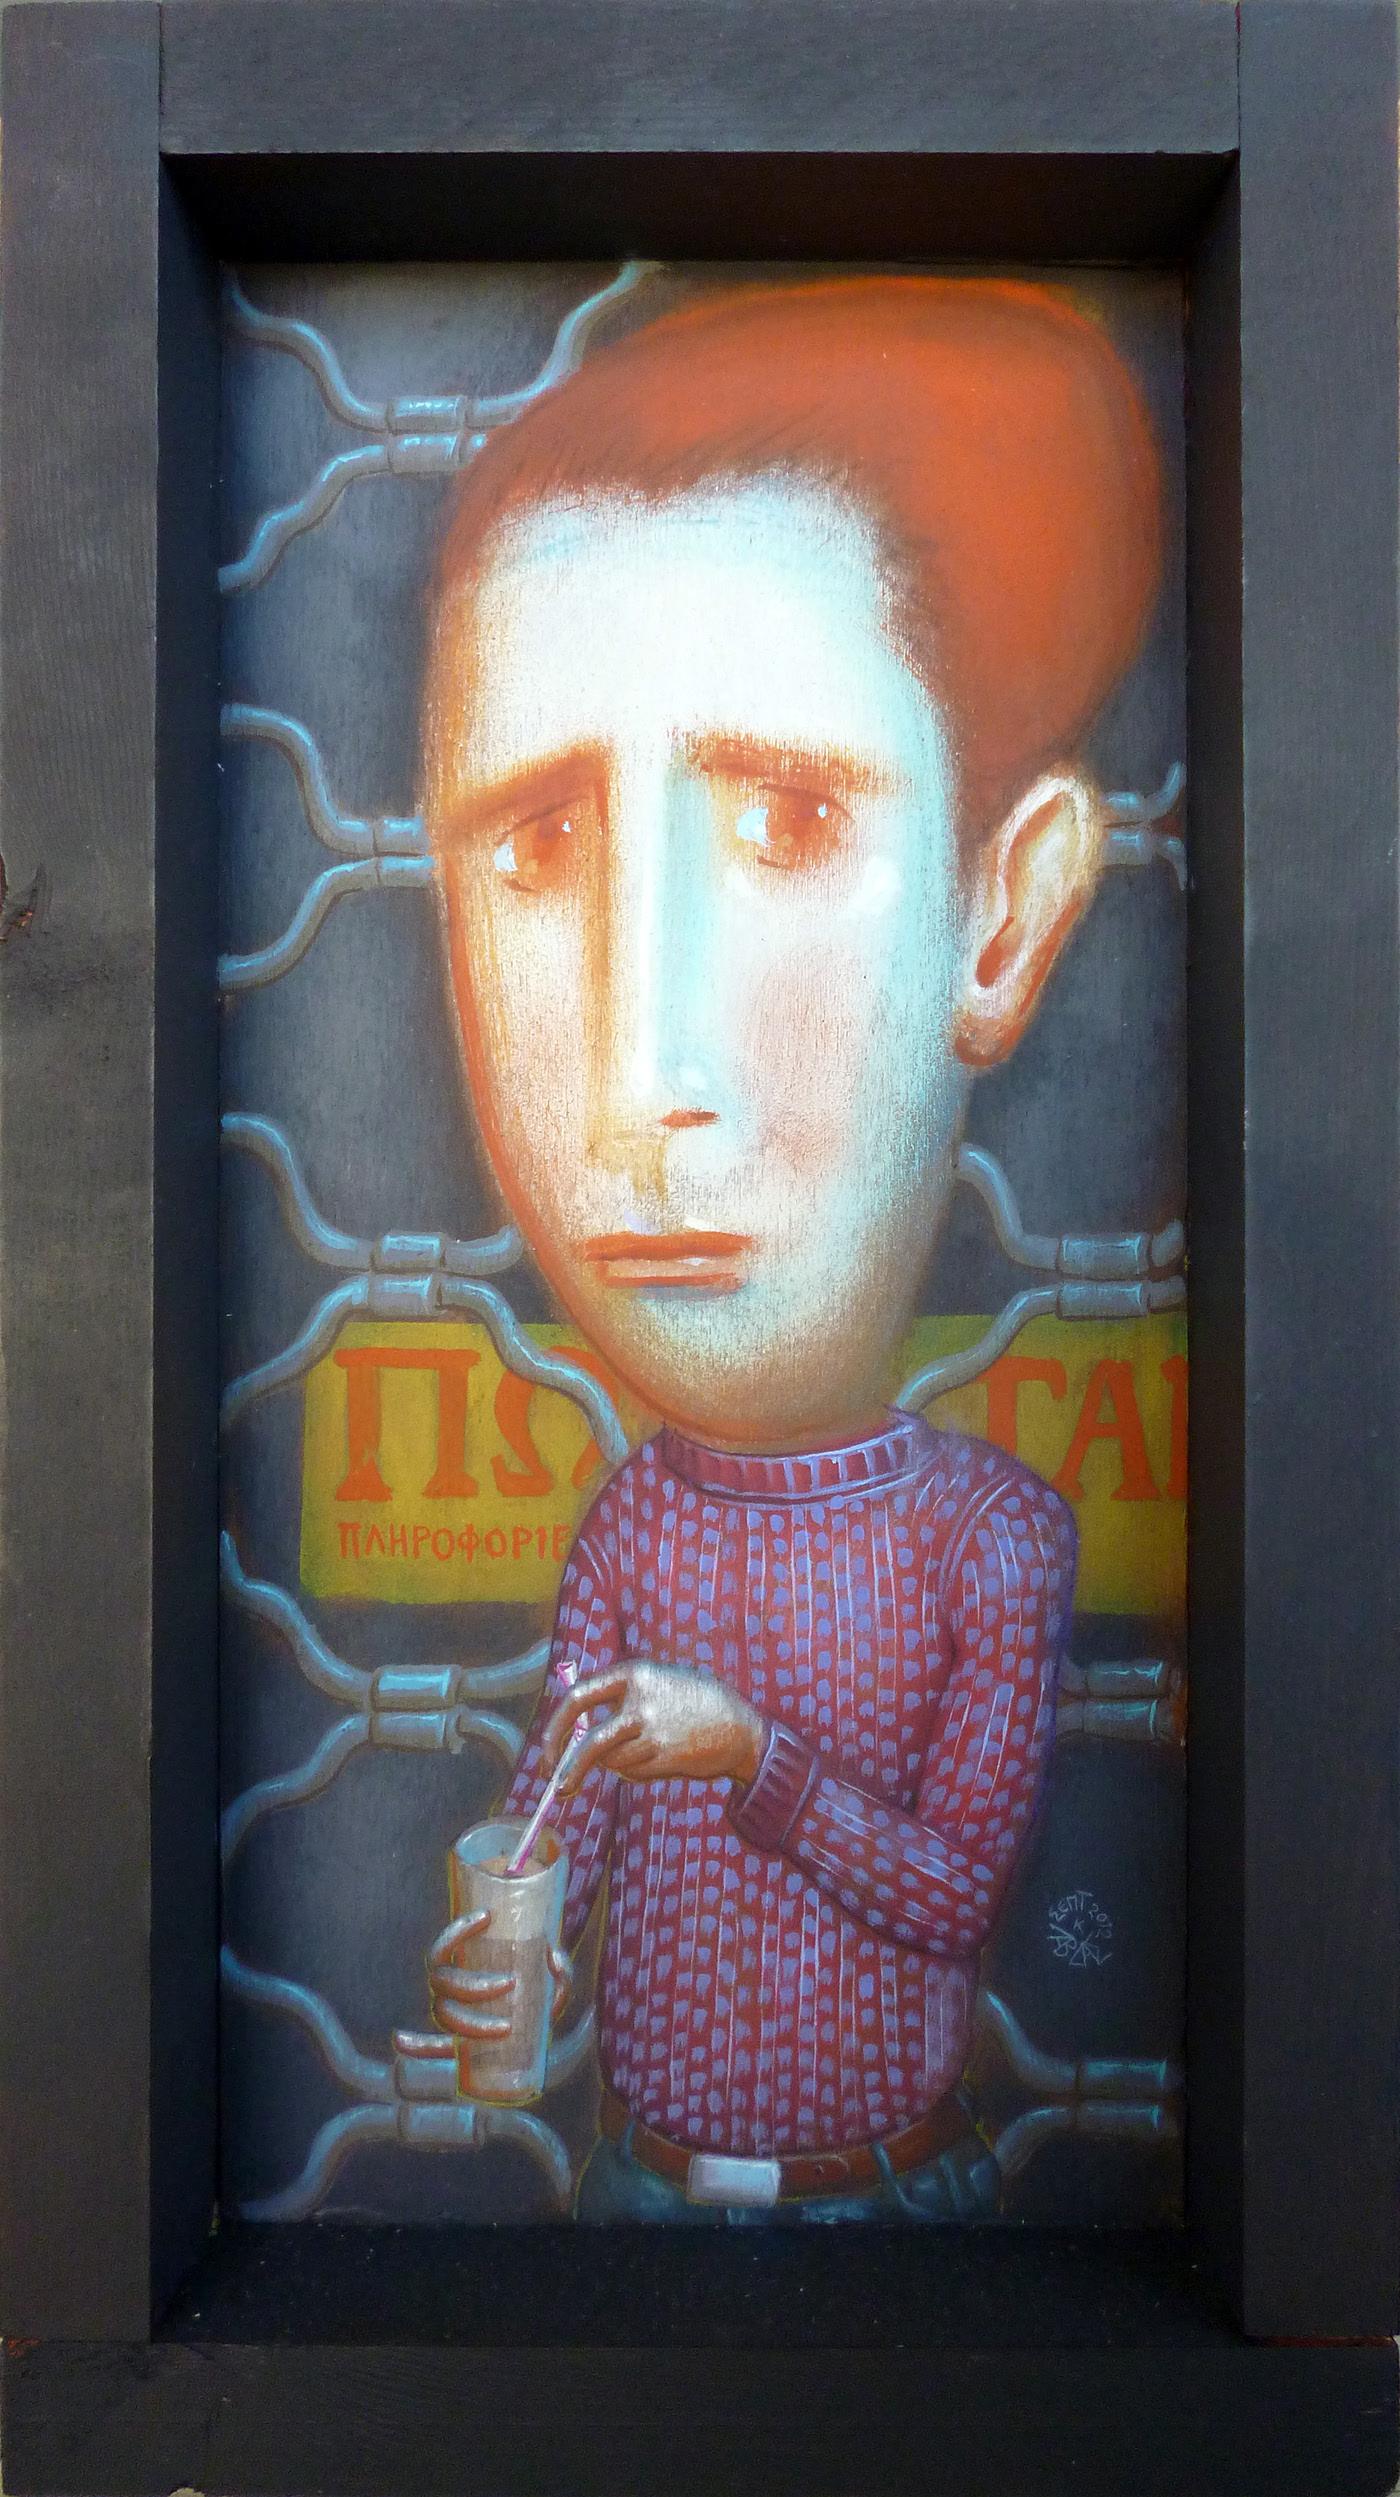 Πίνακες που απεικονίζουν απίθανες μούρες και σαλταριμένα θύματα ενός ξέφρενου ρομαντισμού παρελαύνουν στην γκαλερί ΑΛΜΑ